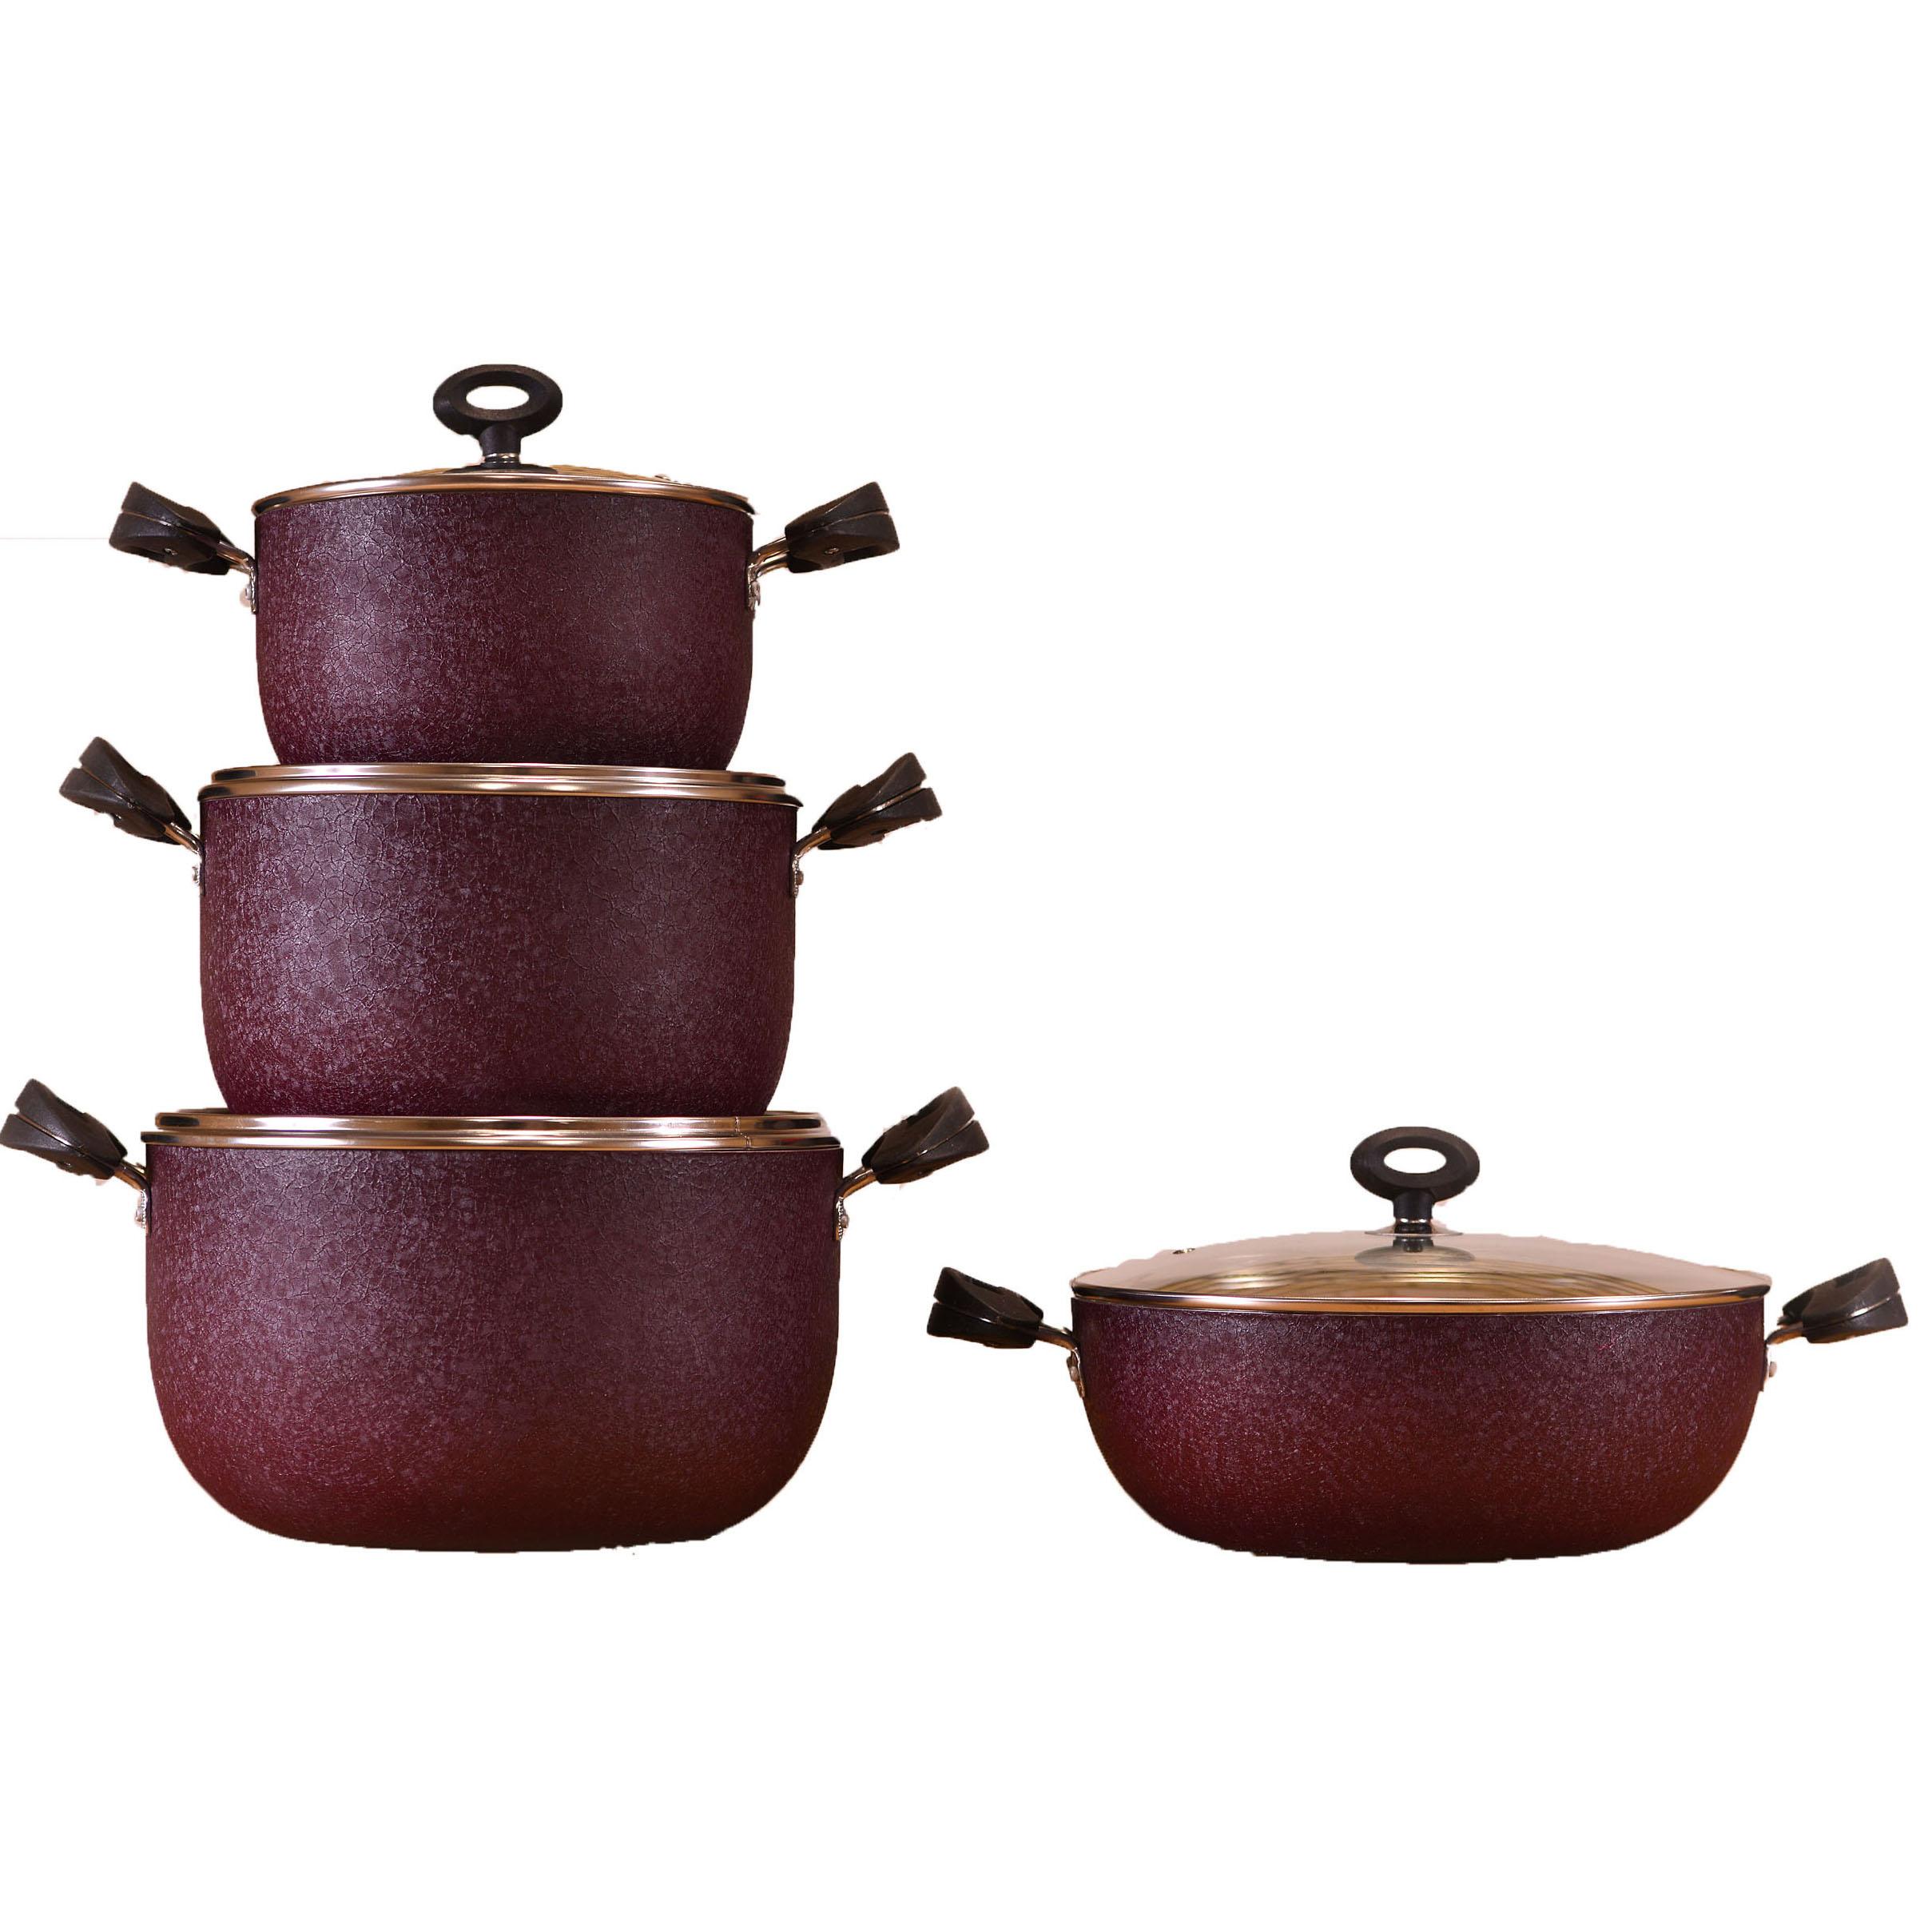 سرویس پخت و پز 7 پارچه ظرف سازان اسدیان مدل اولدوز